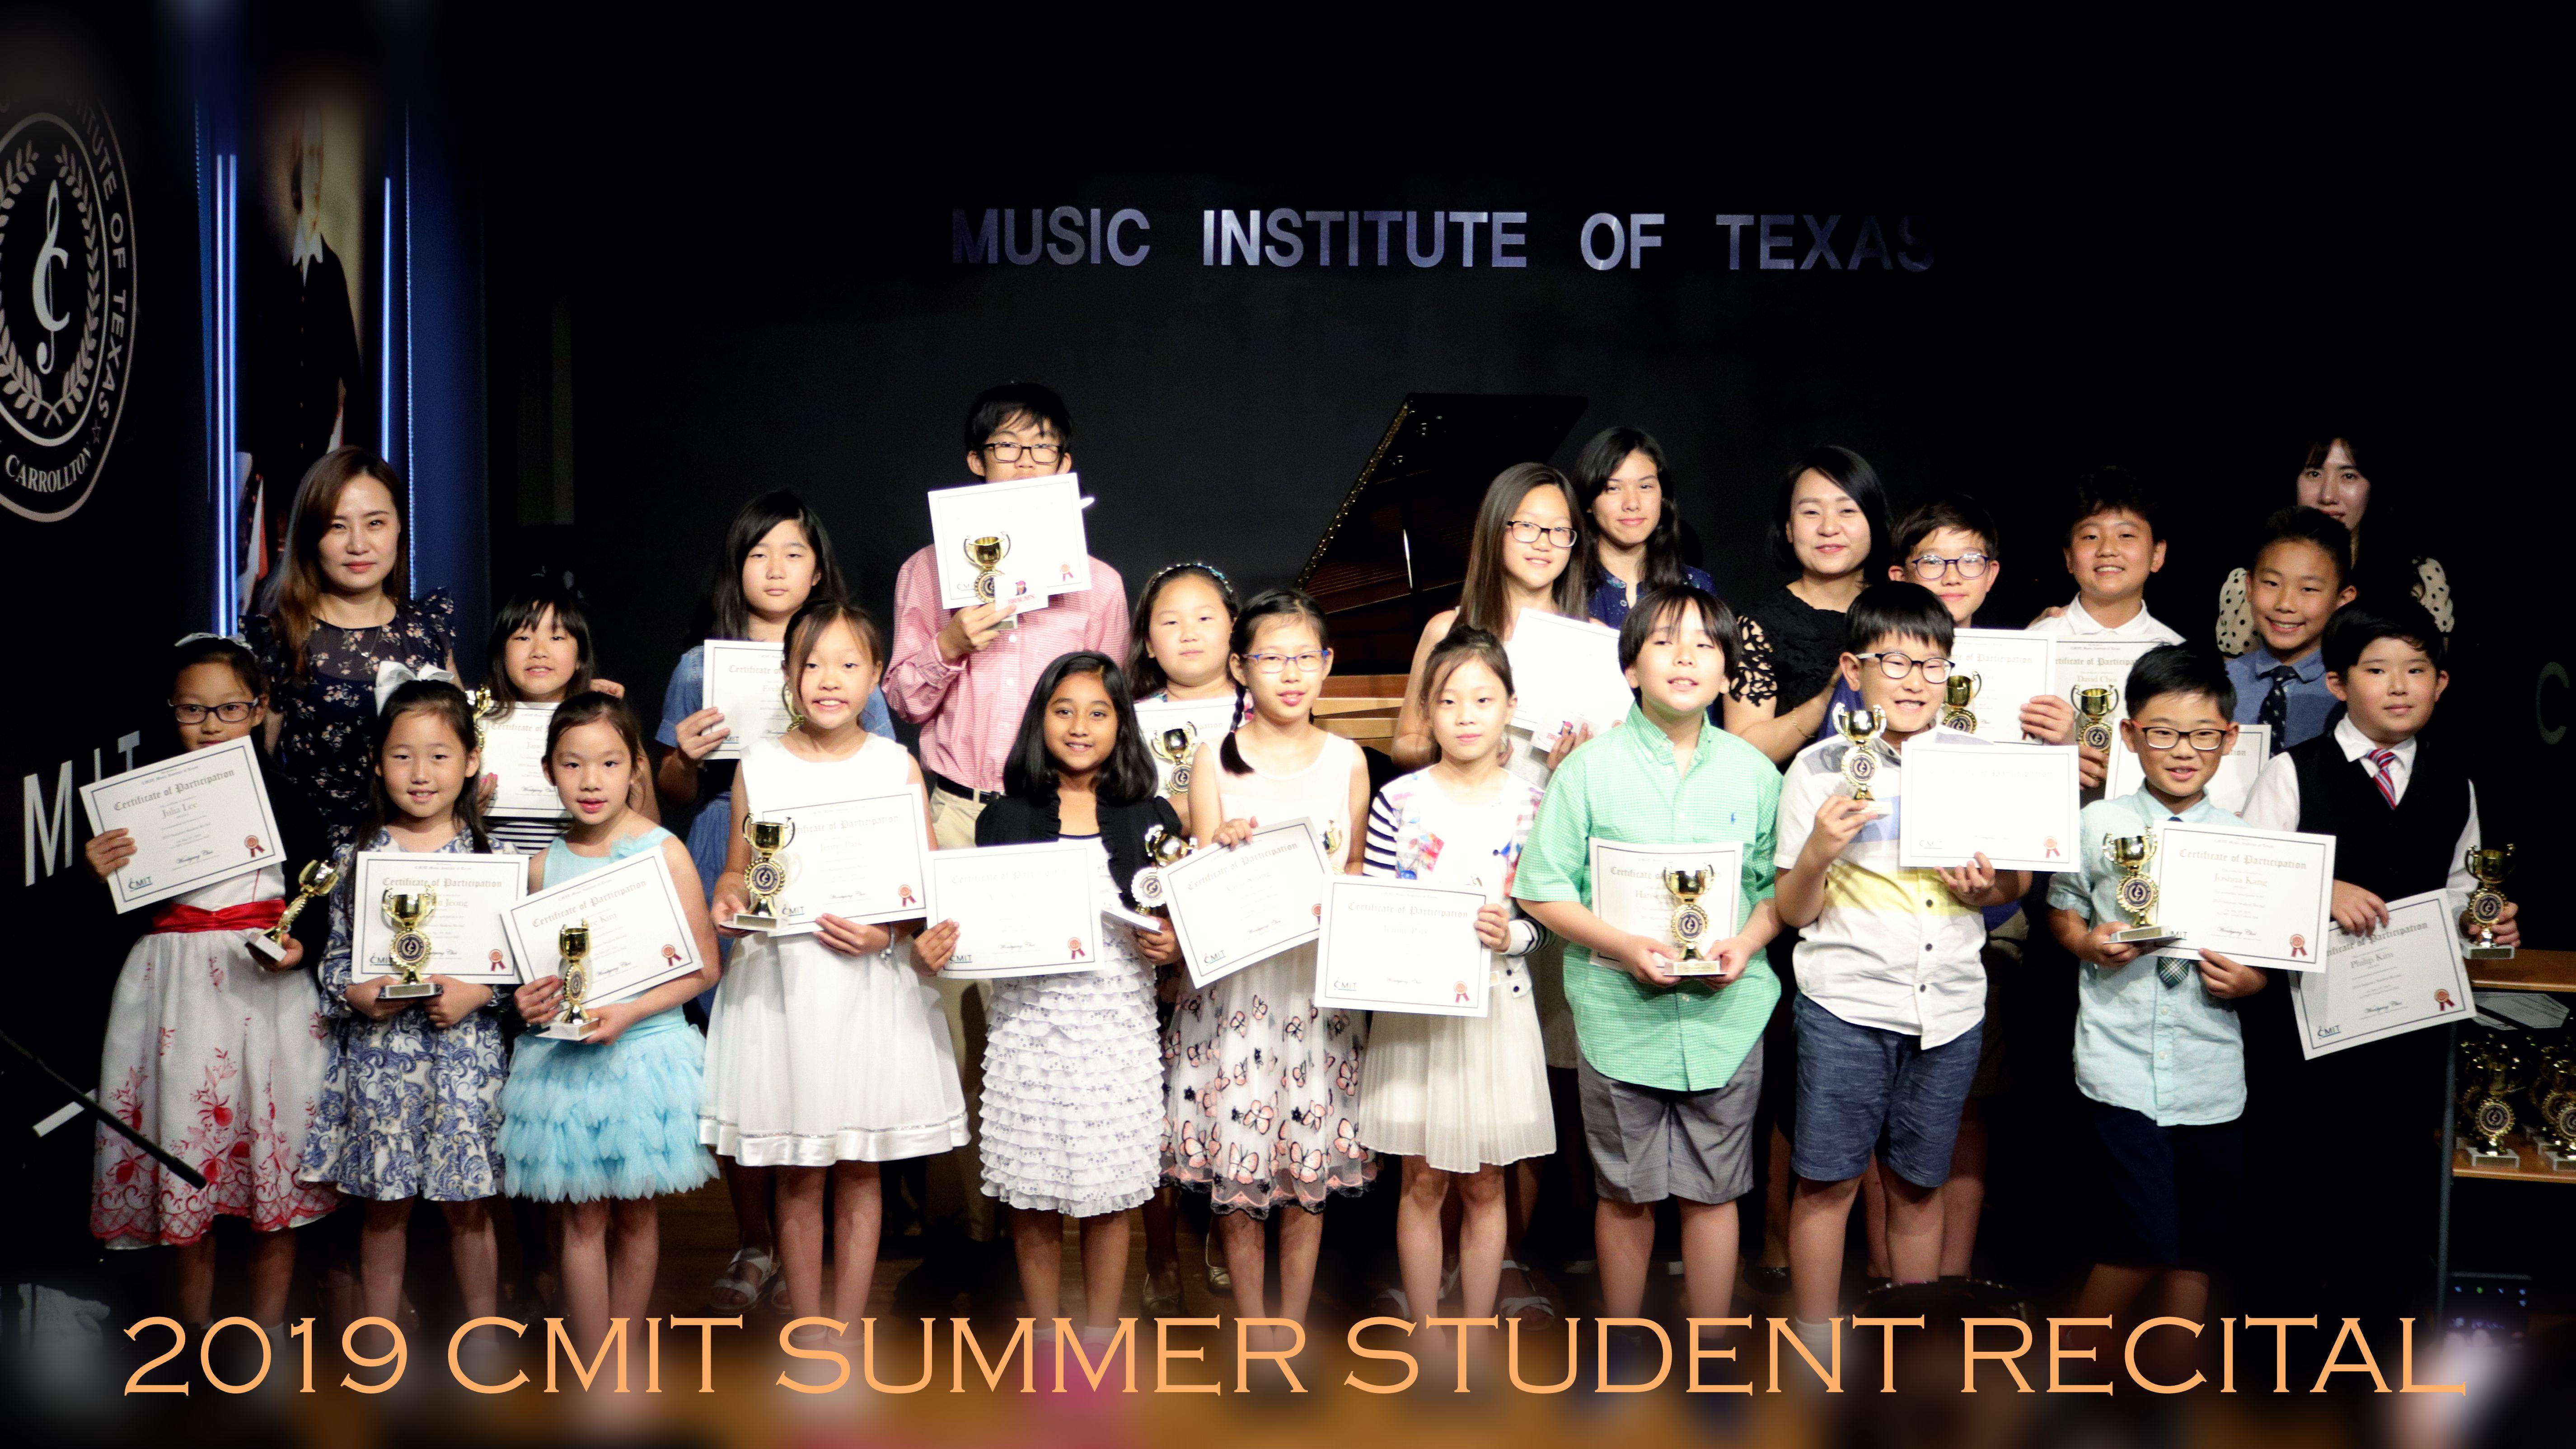 2019 CMIT SUMMER STUDENT RECITAL 05-19-1